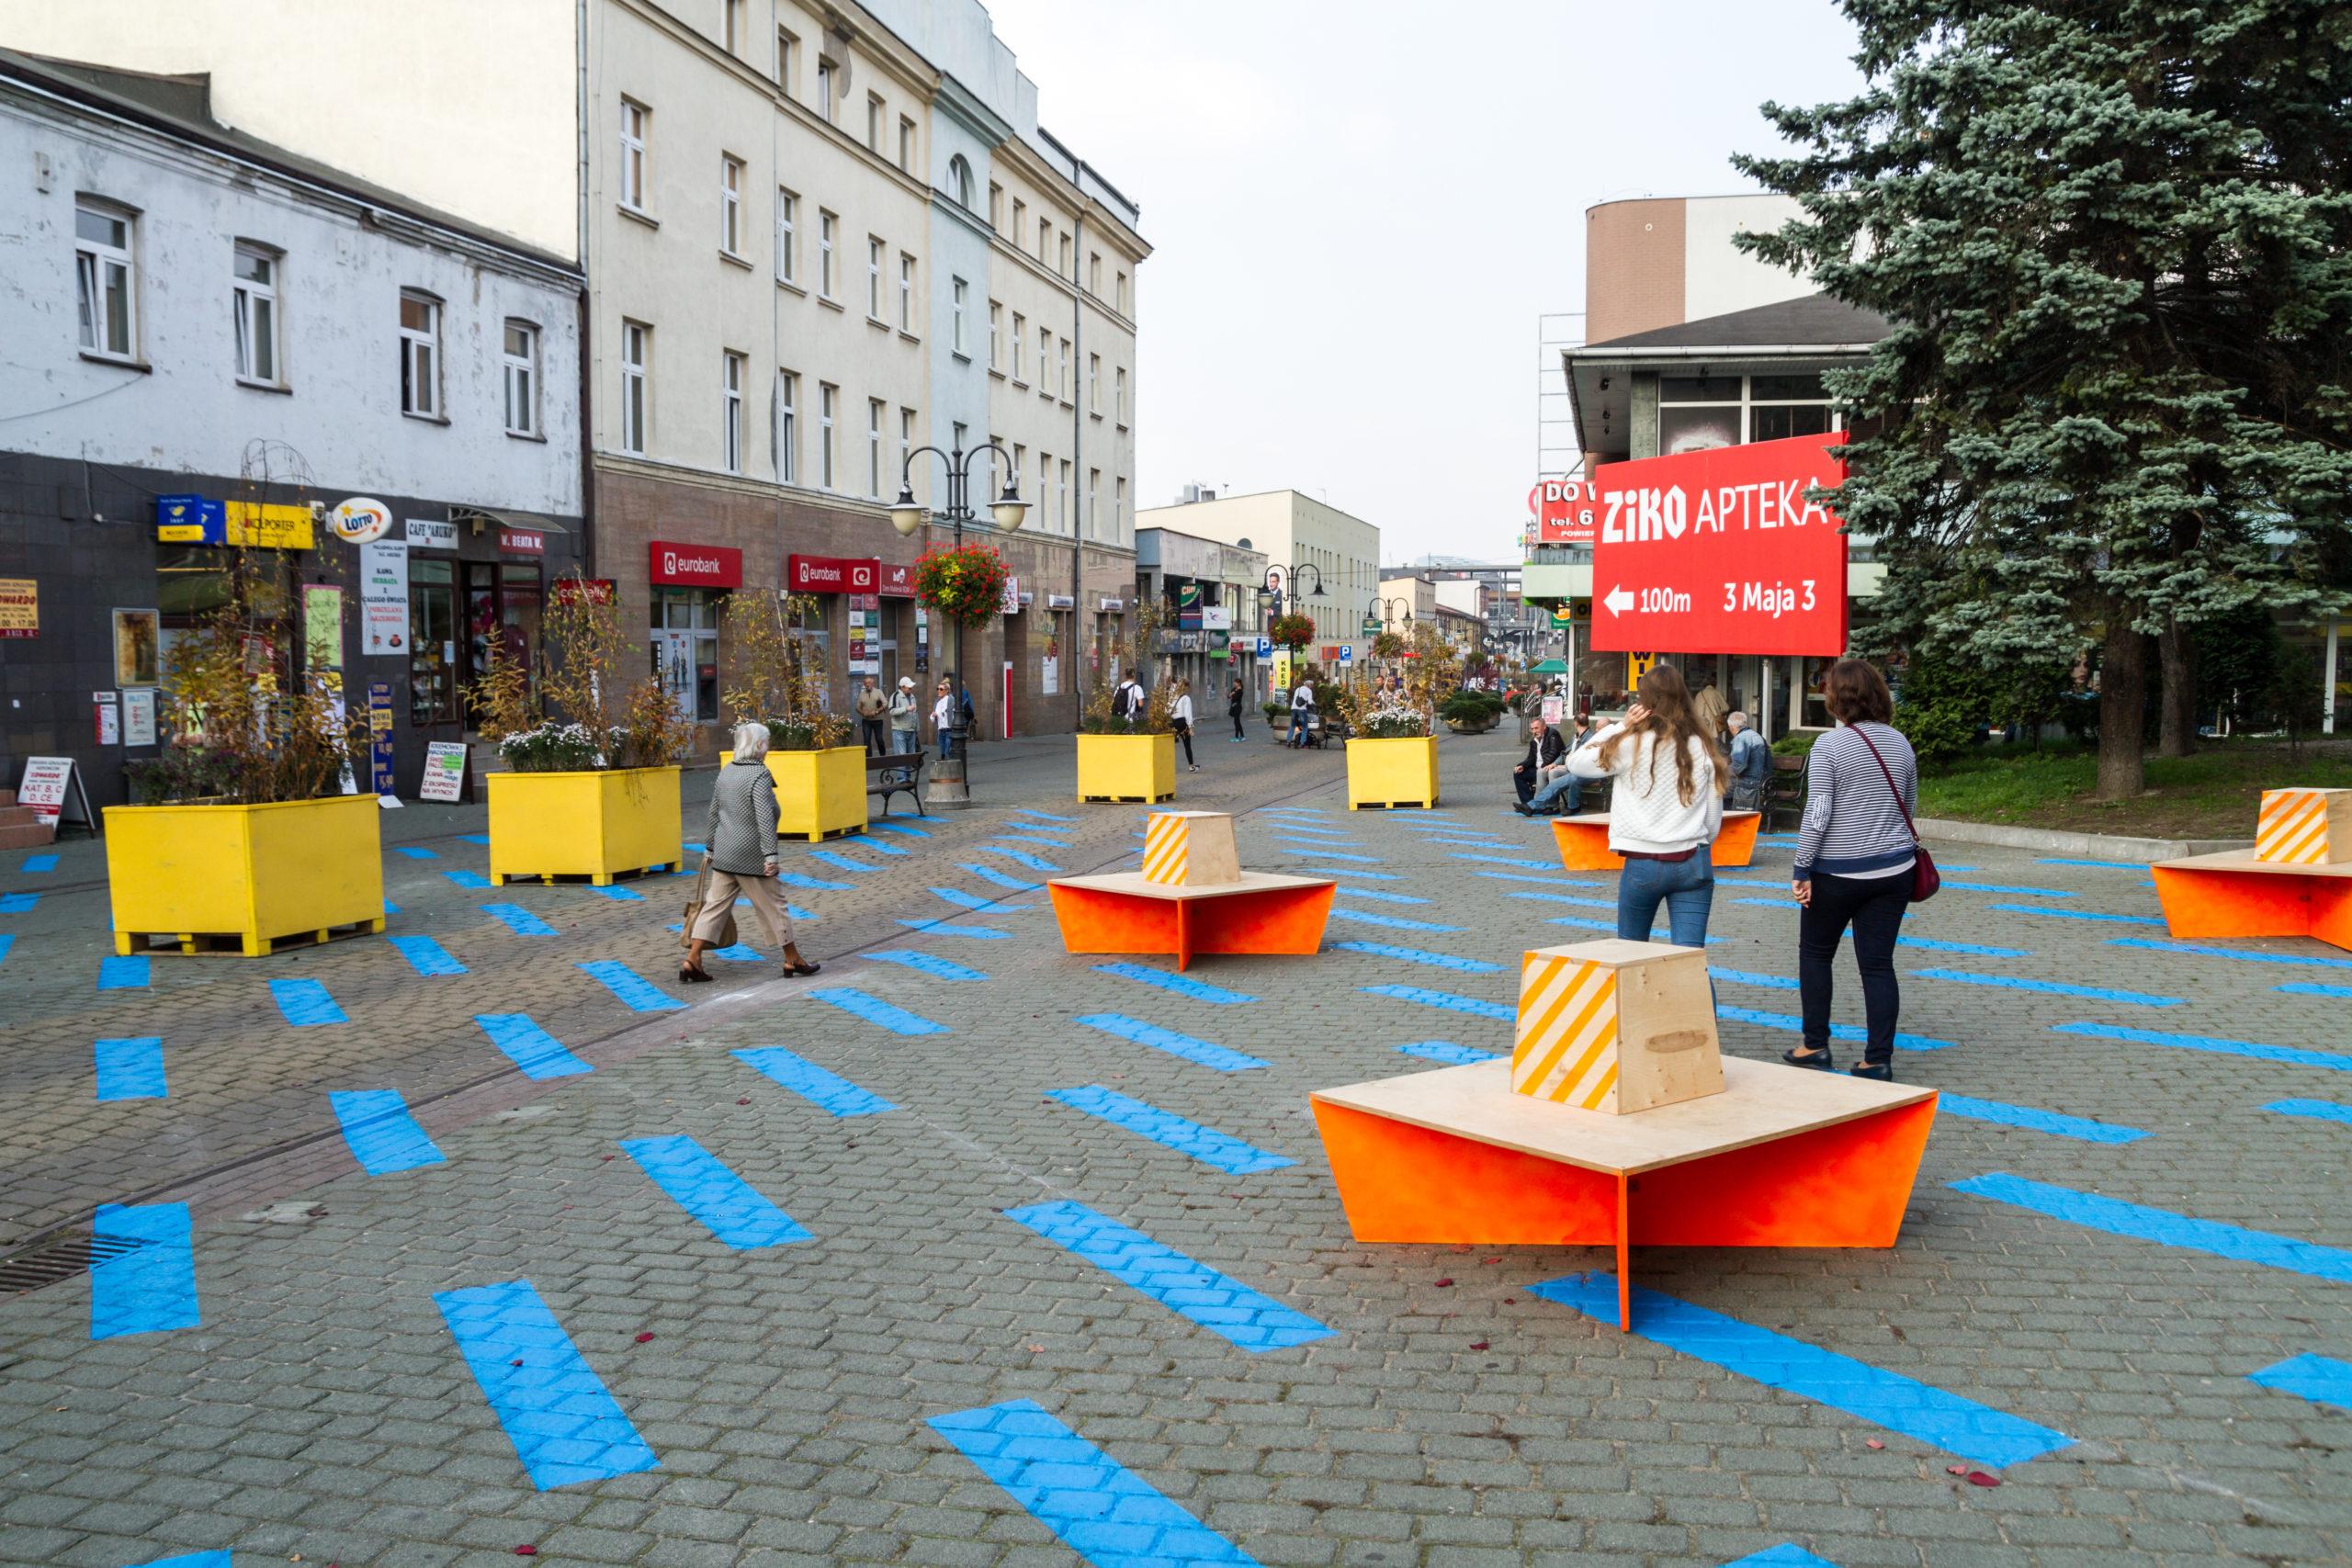 ulica 3 Maja, Żywa Ulica w Dąbrowie Górniczej, rok 2017, fot. Marek Dziurkowski